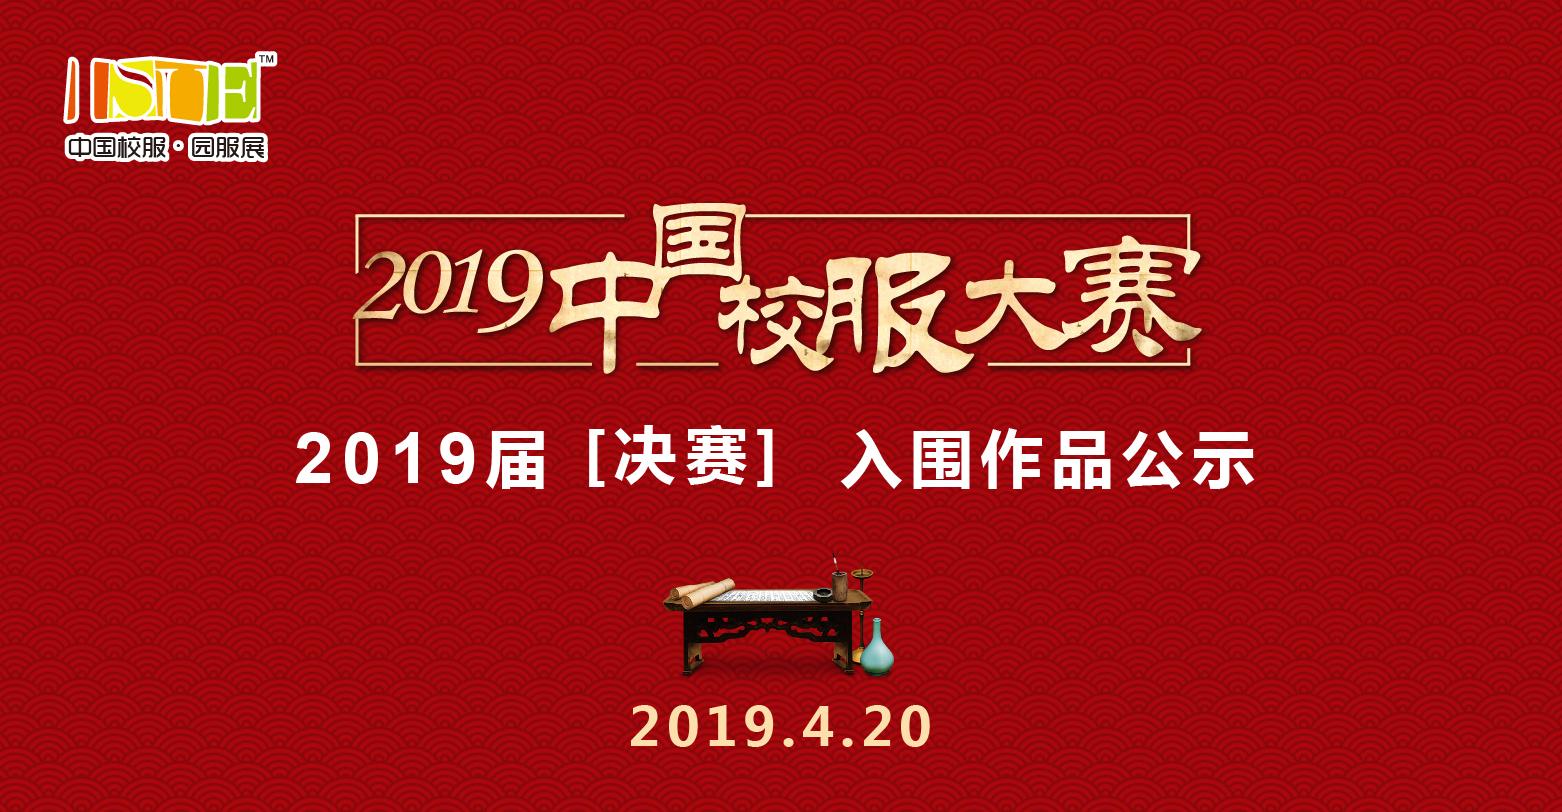 中国校服设计大赛2019届决赛入围作品公示